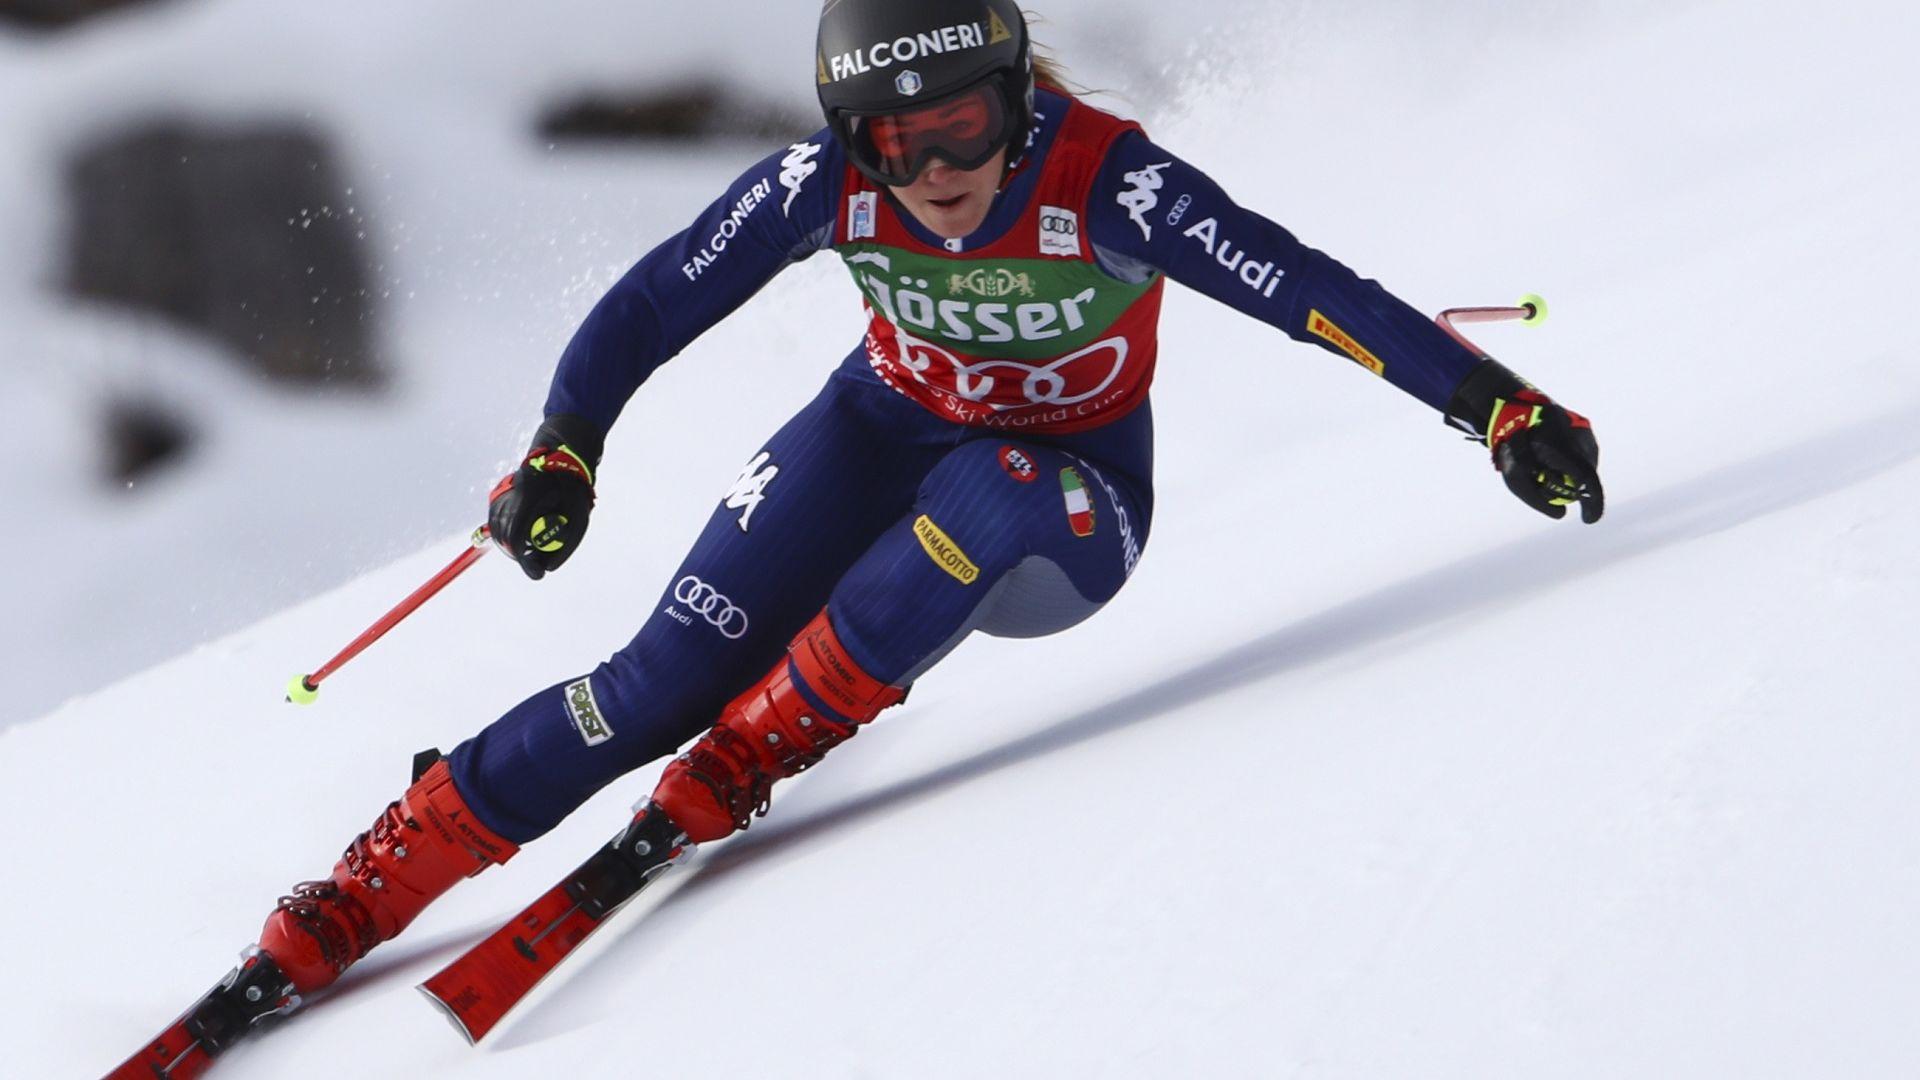 Олимпийската шампионка София Годжа отвя конкуренцията в спускането